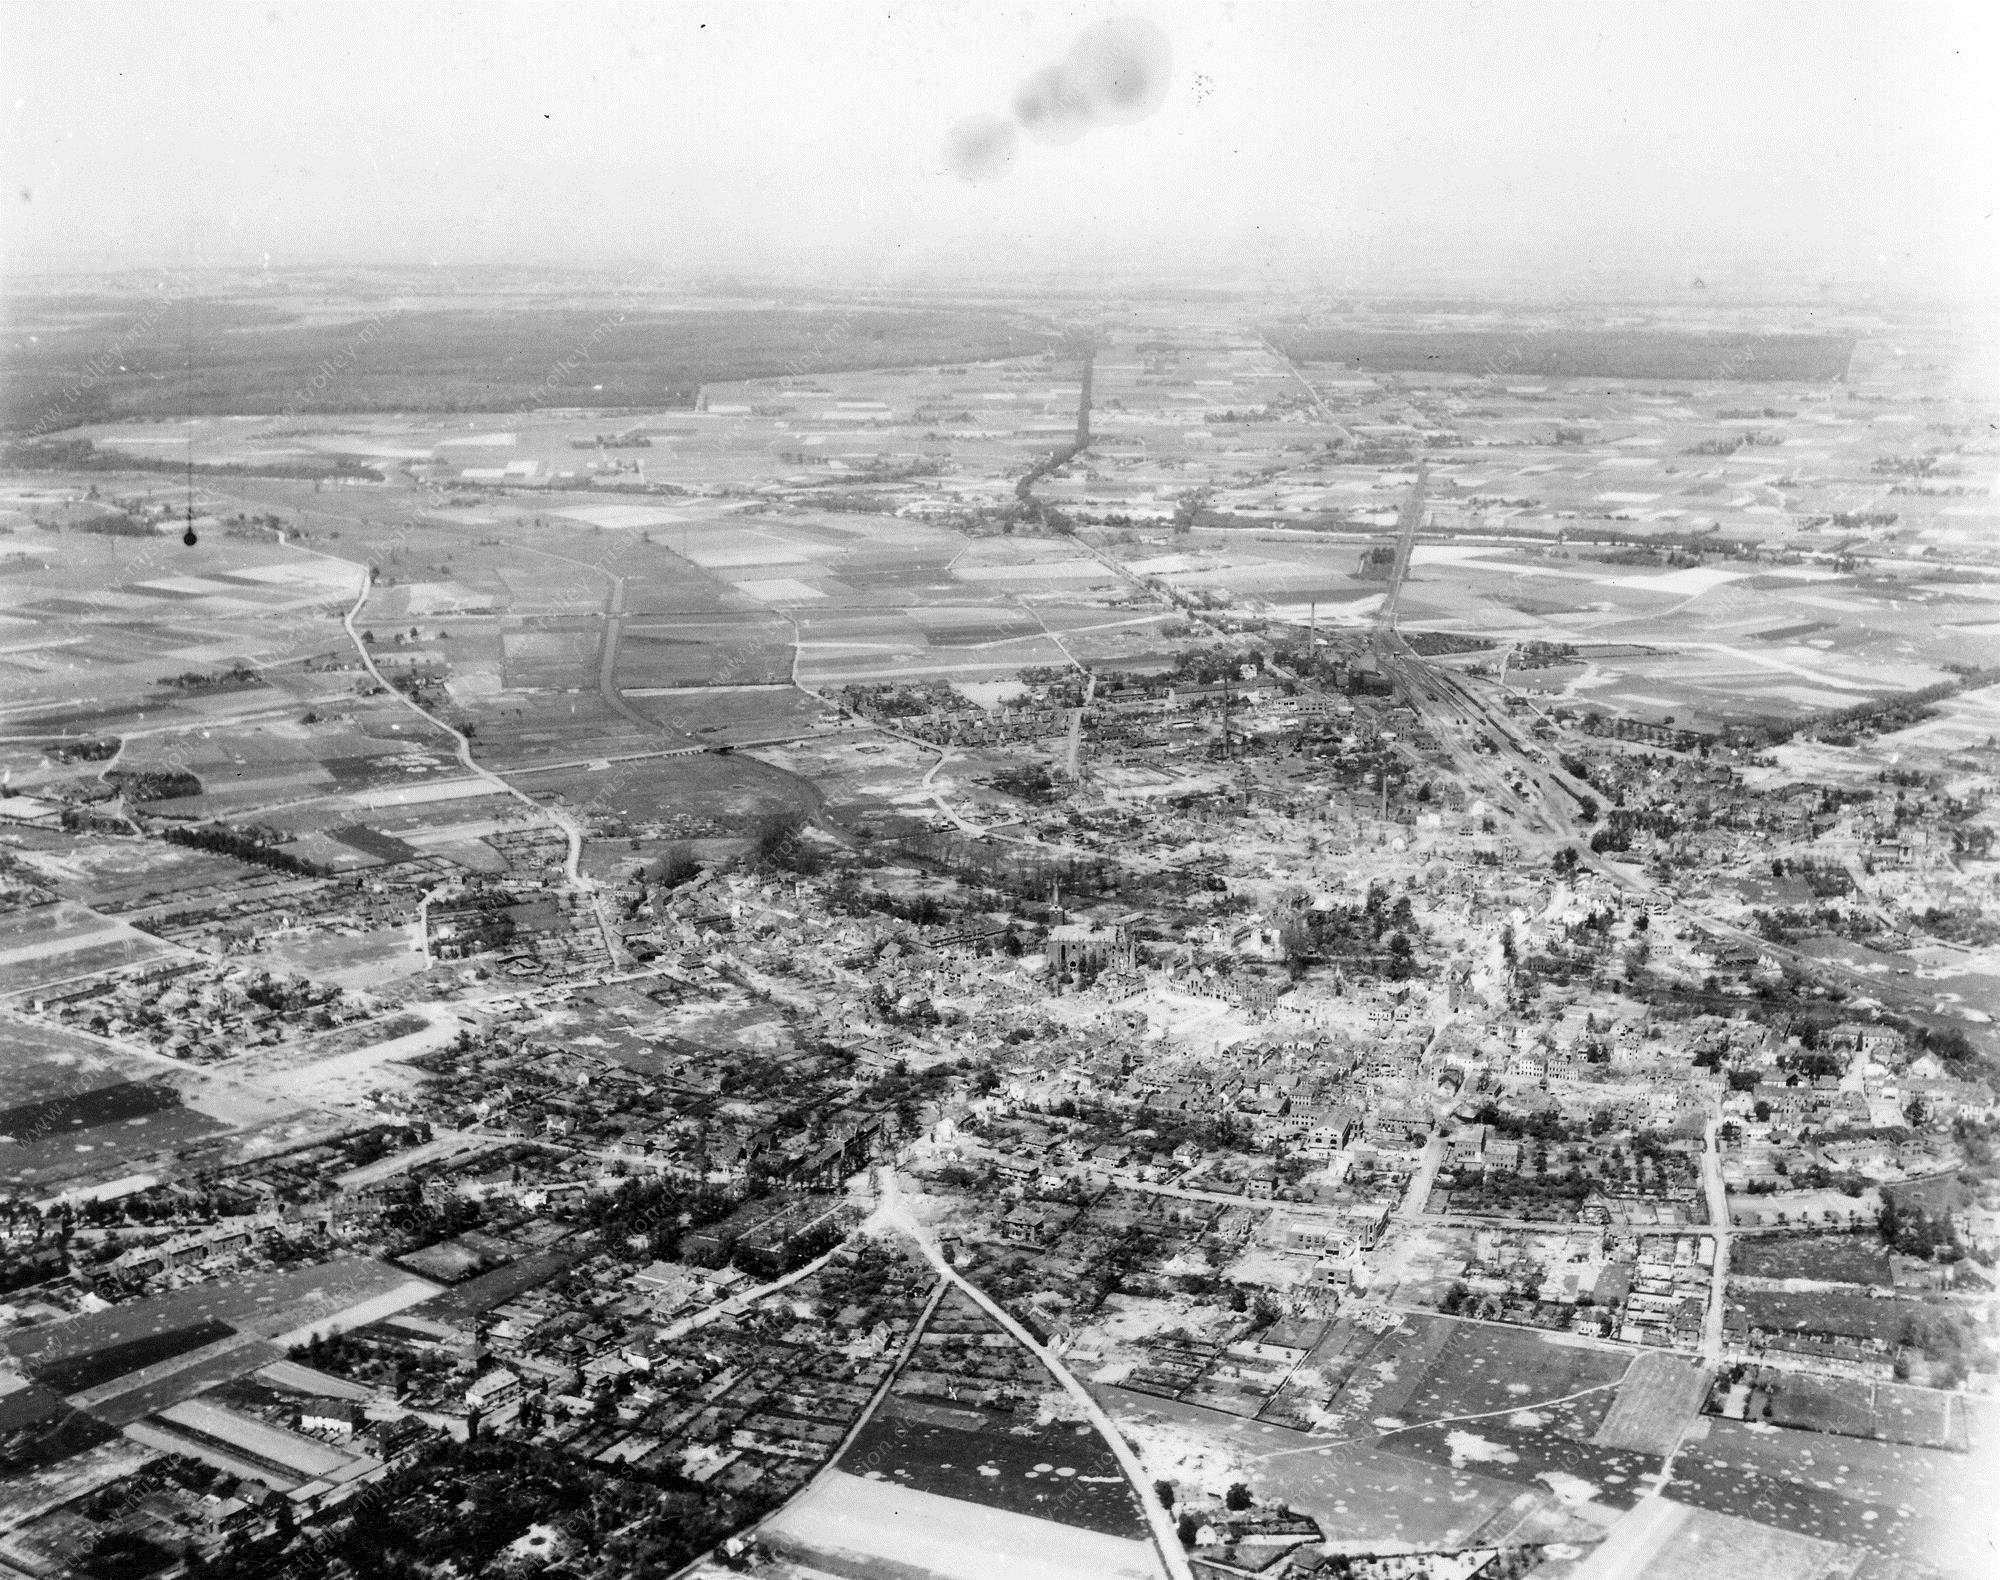 Luftbild der Stadt Goch im Kreis Kleve